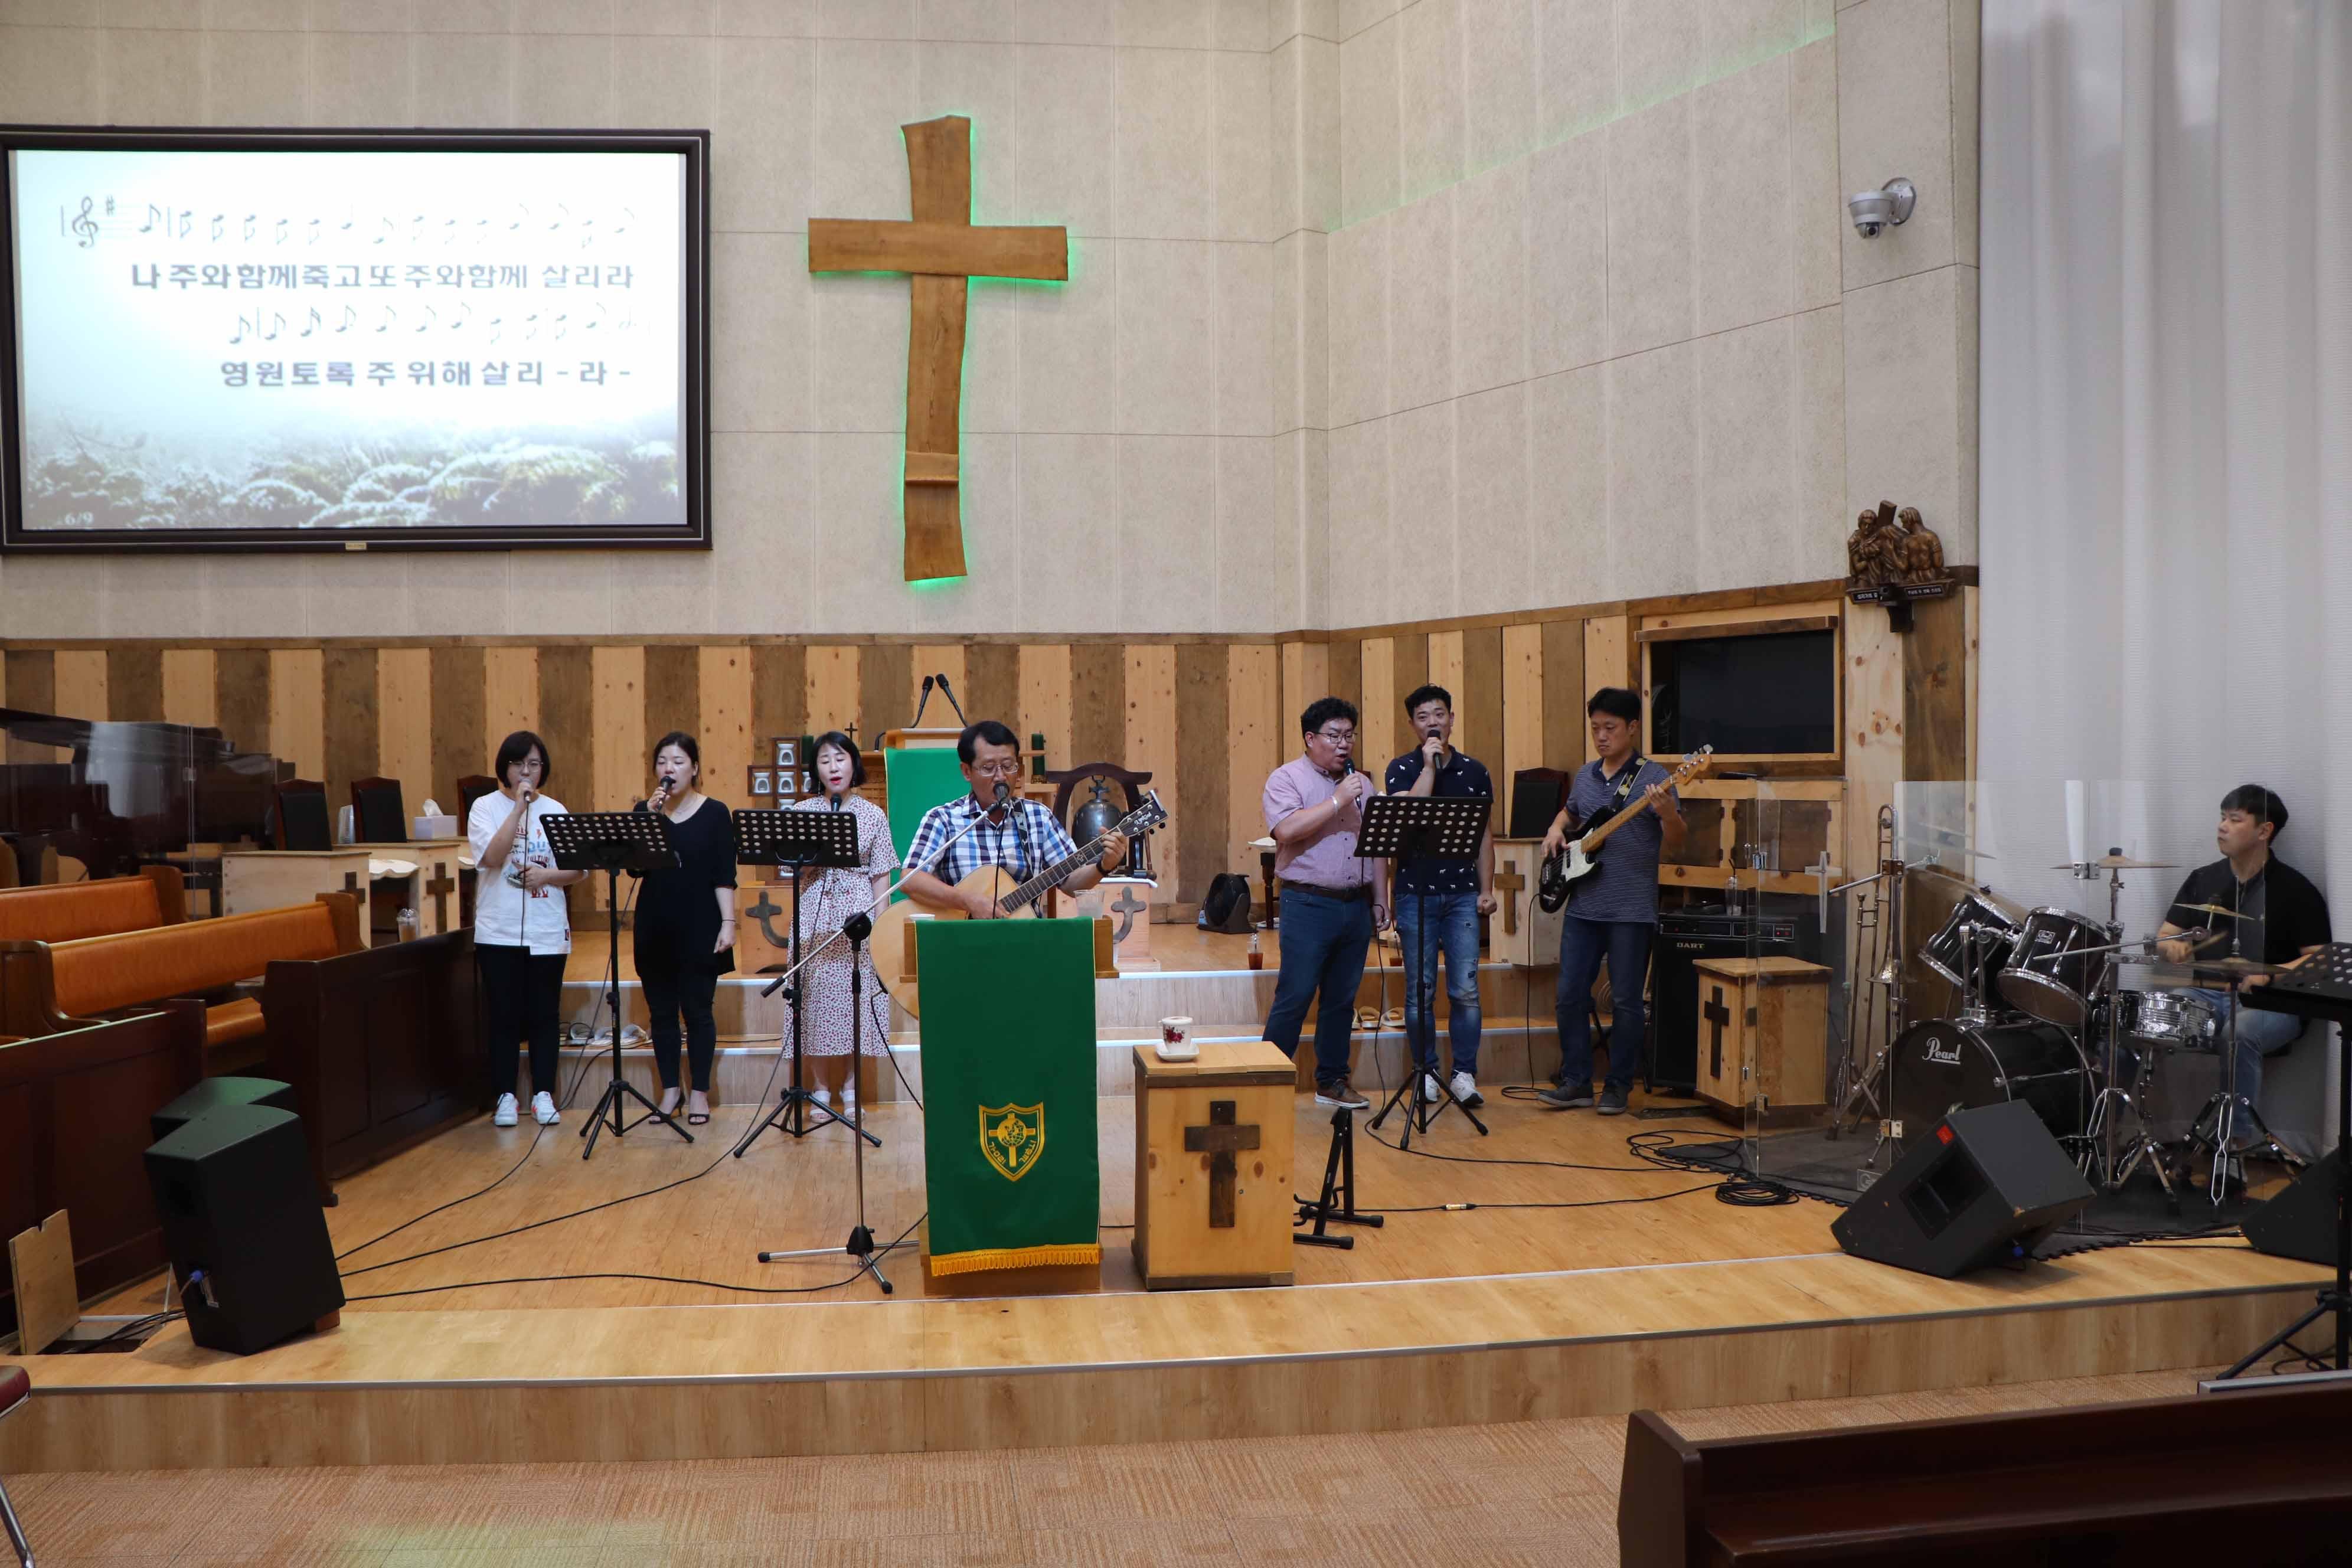 8월 18일 주일 오후 밀알속 헌신 예배